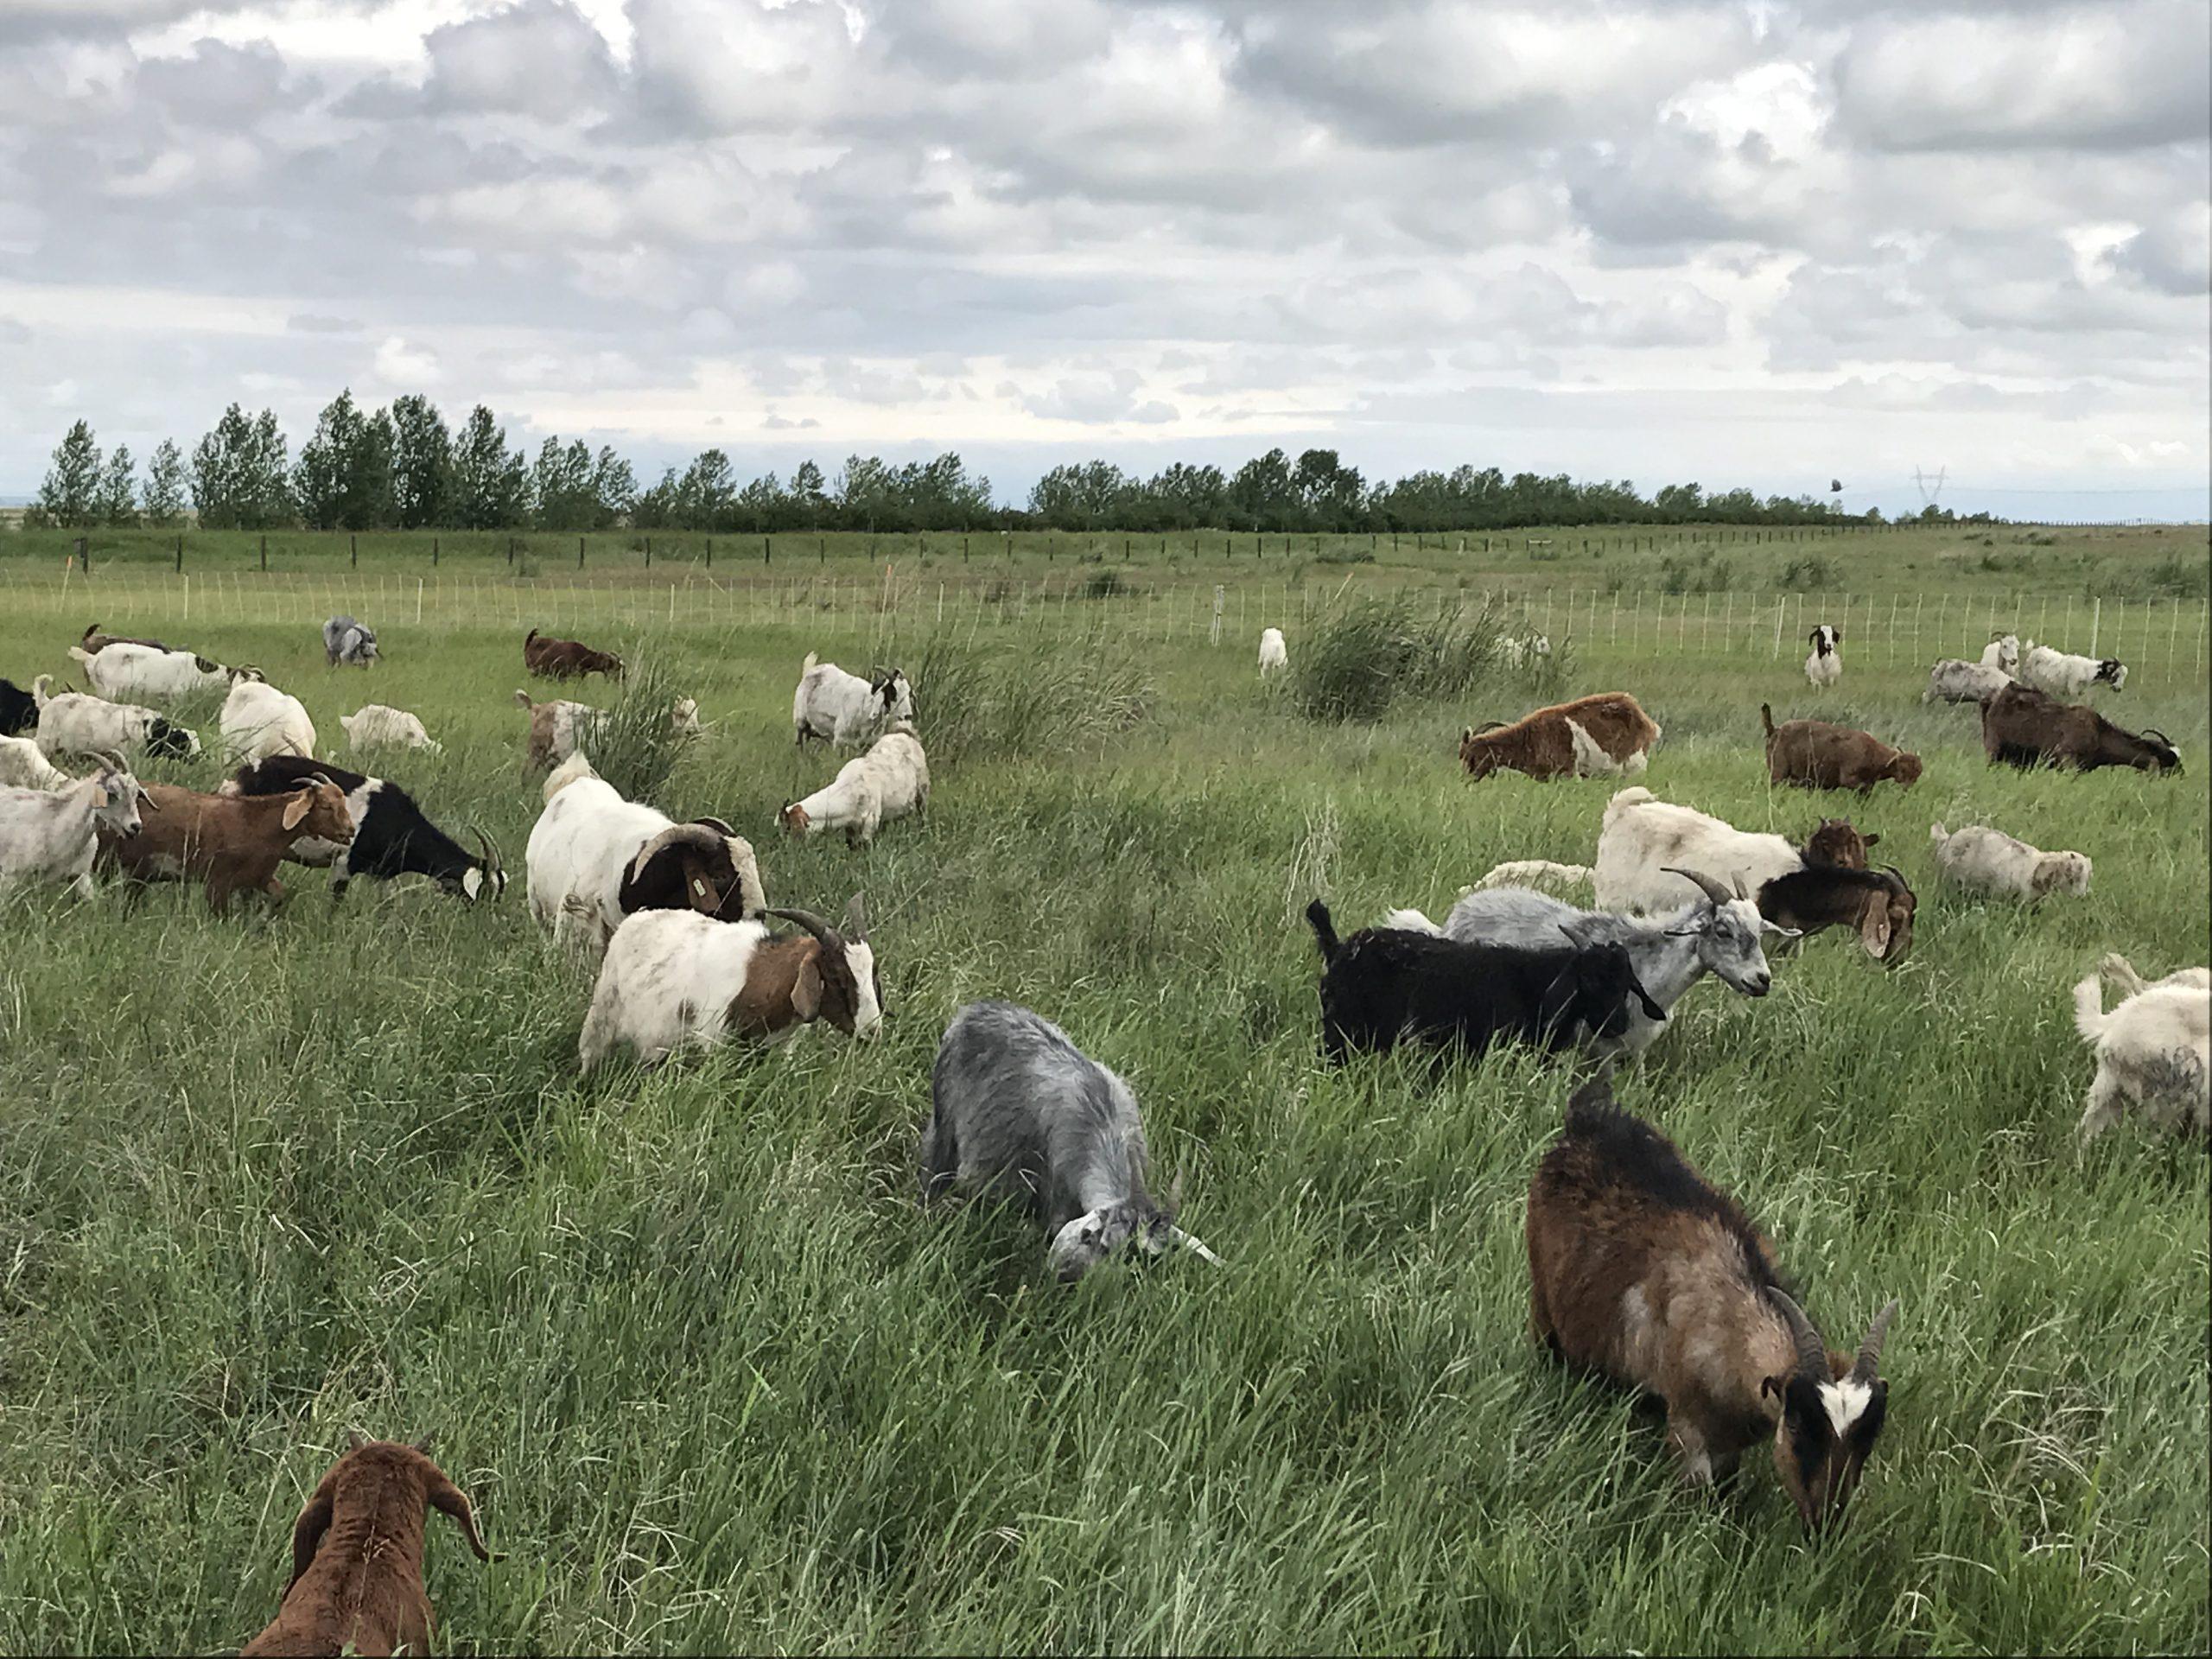 CIC fait appel à des chèvres et à des vaches pour lutter contre les végétaux envahissants dans les Prairies canadiennes